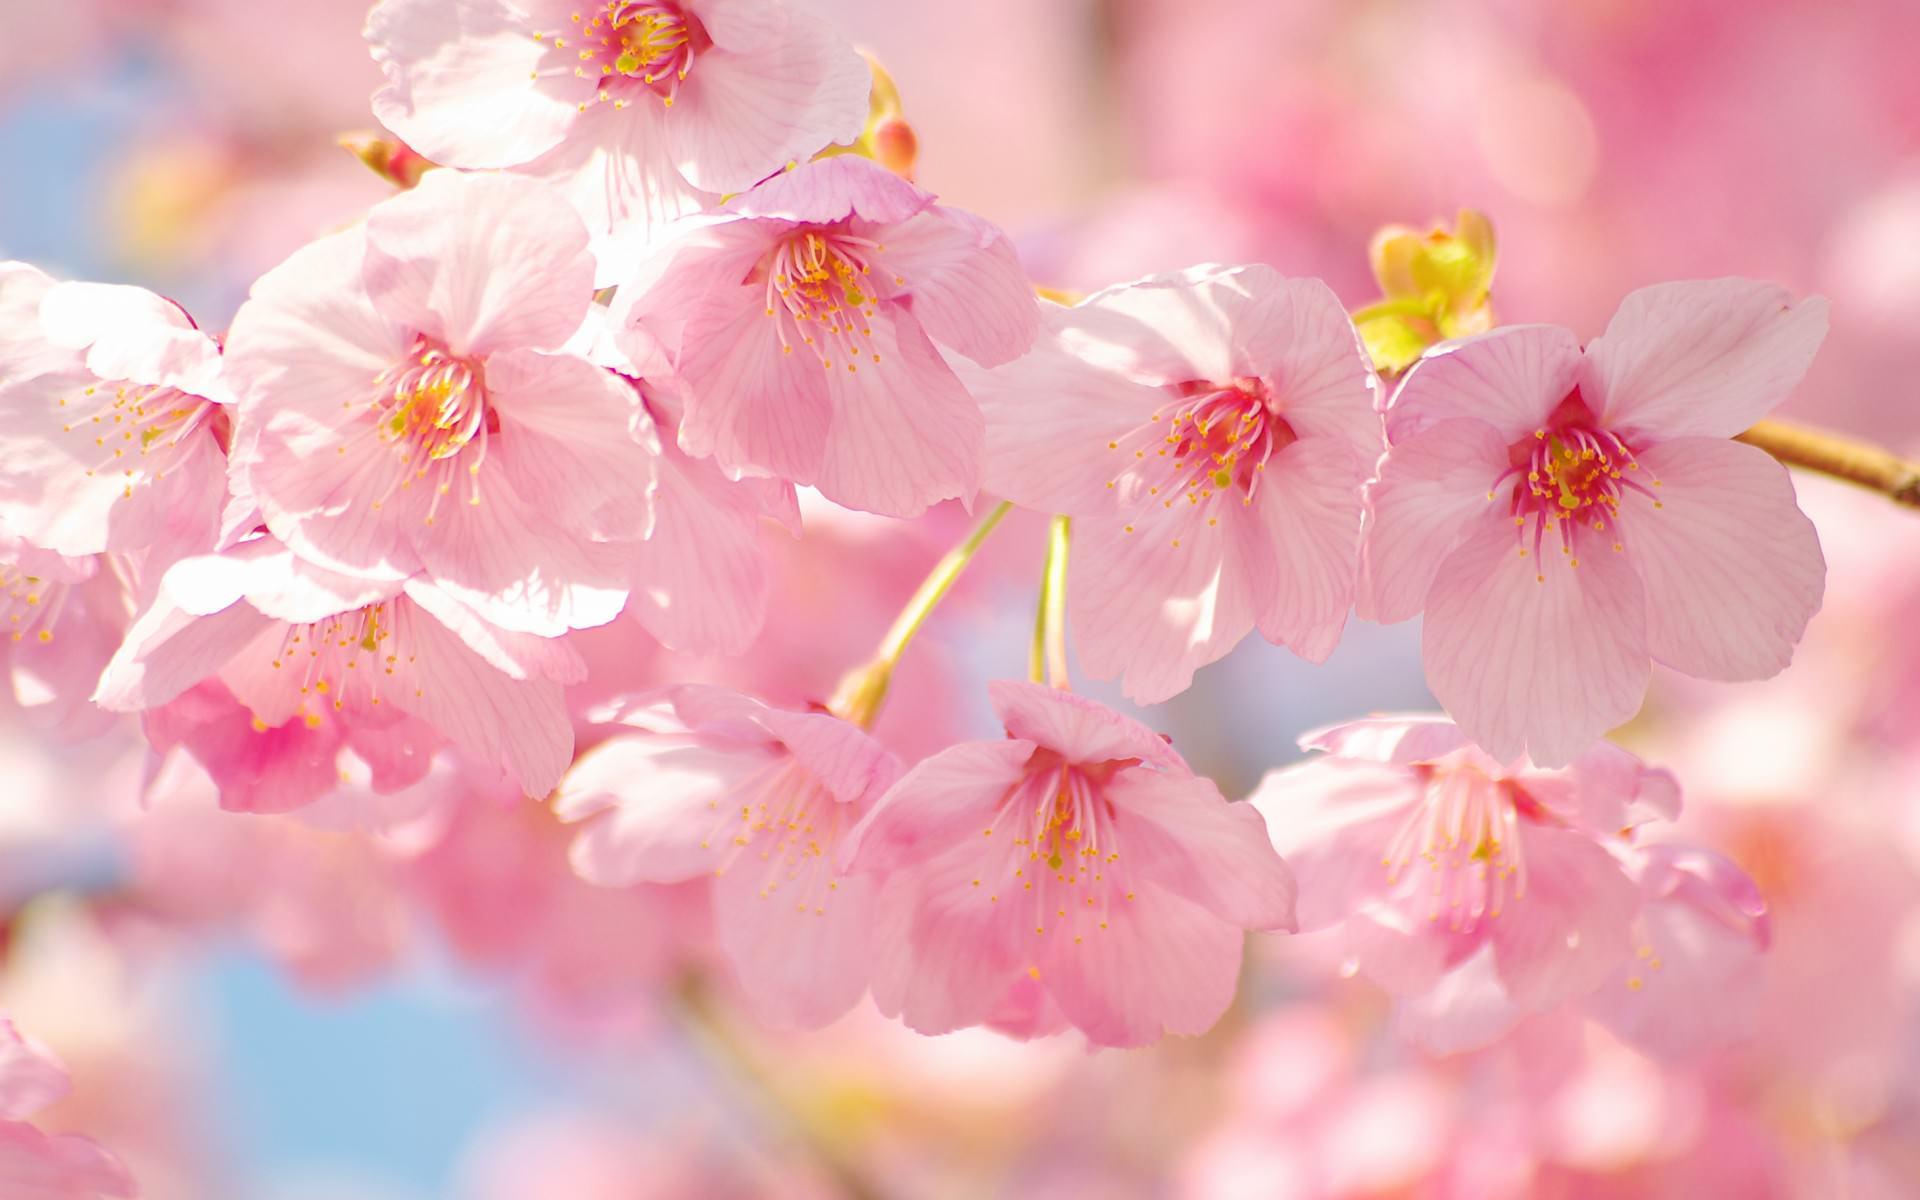 花の壁紙 19 10 1 スマホ Pc用壁紙 Wallpaper Box